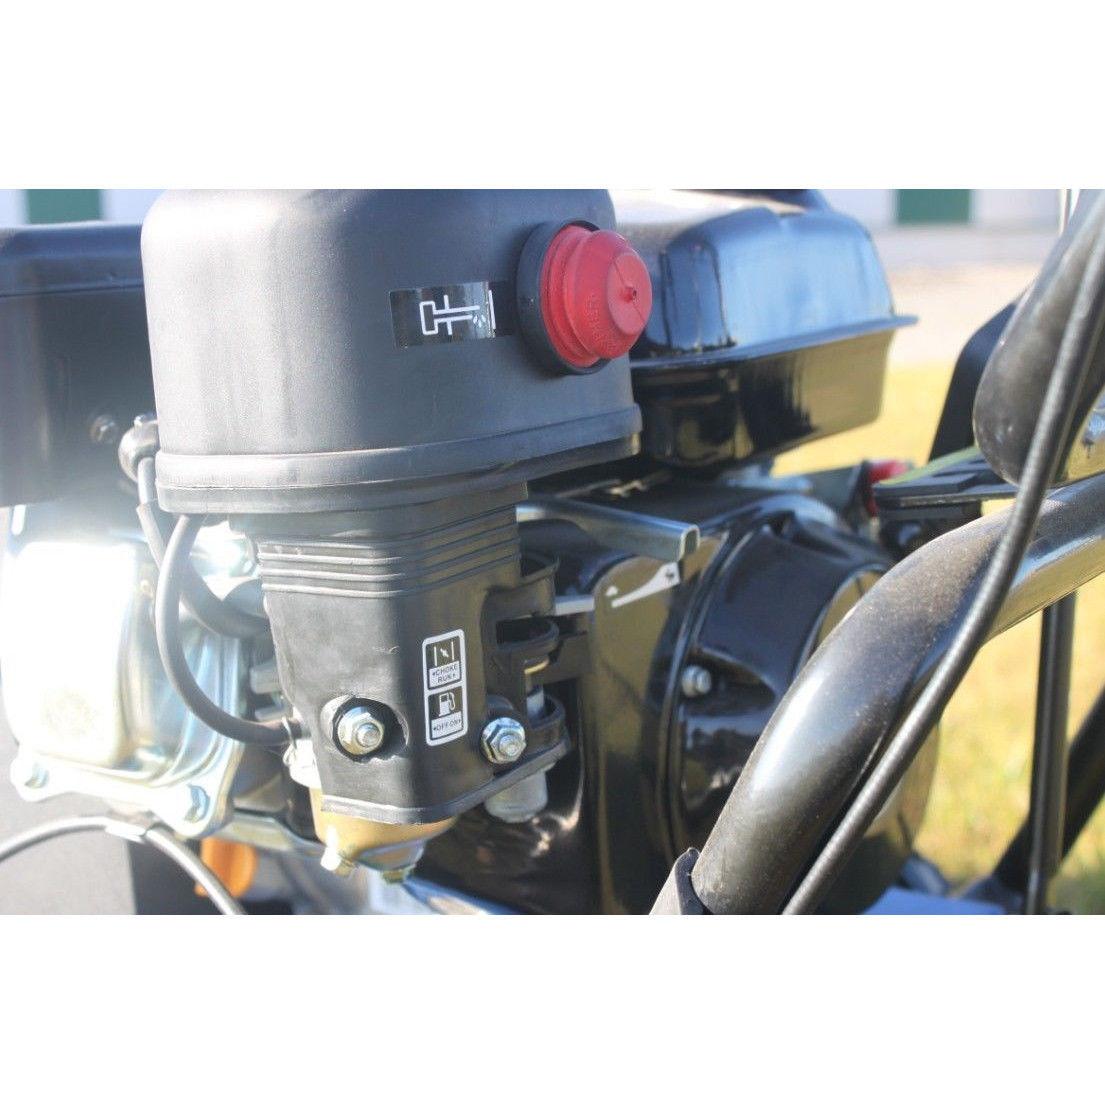 Kehrmaschine mit 6,5 PS Motor